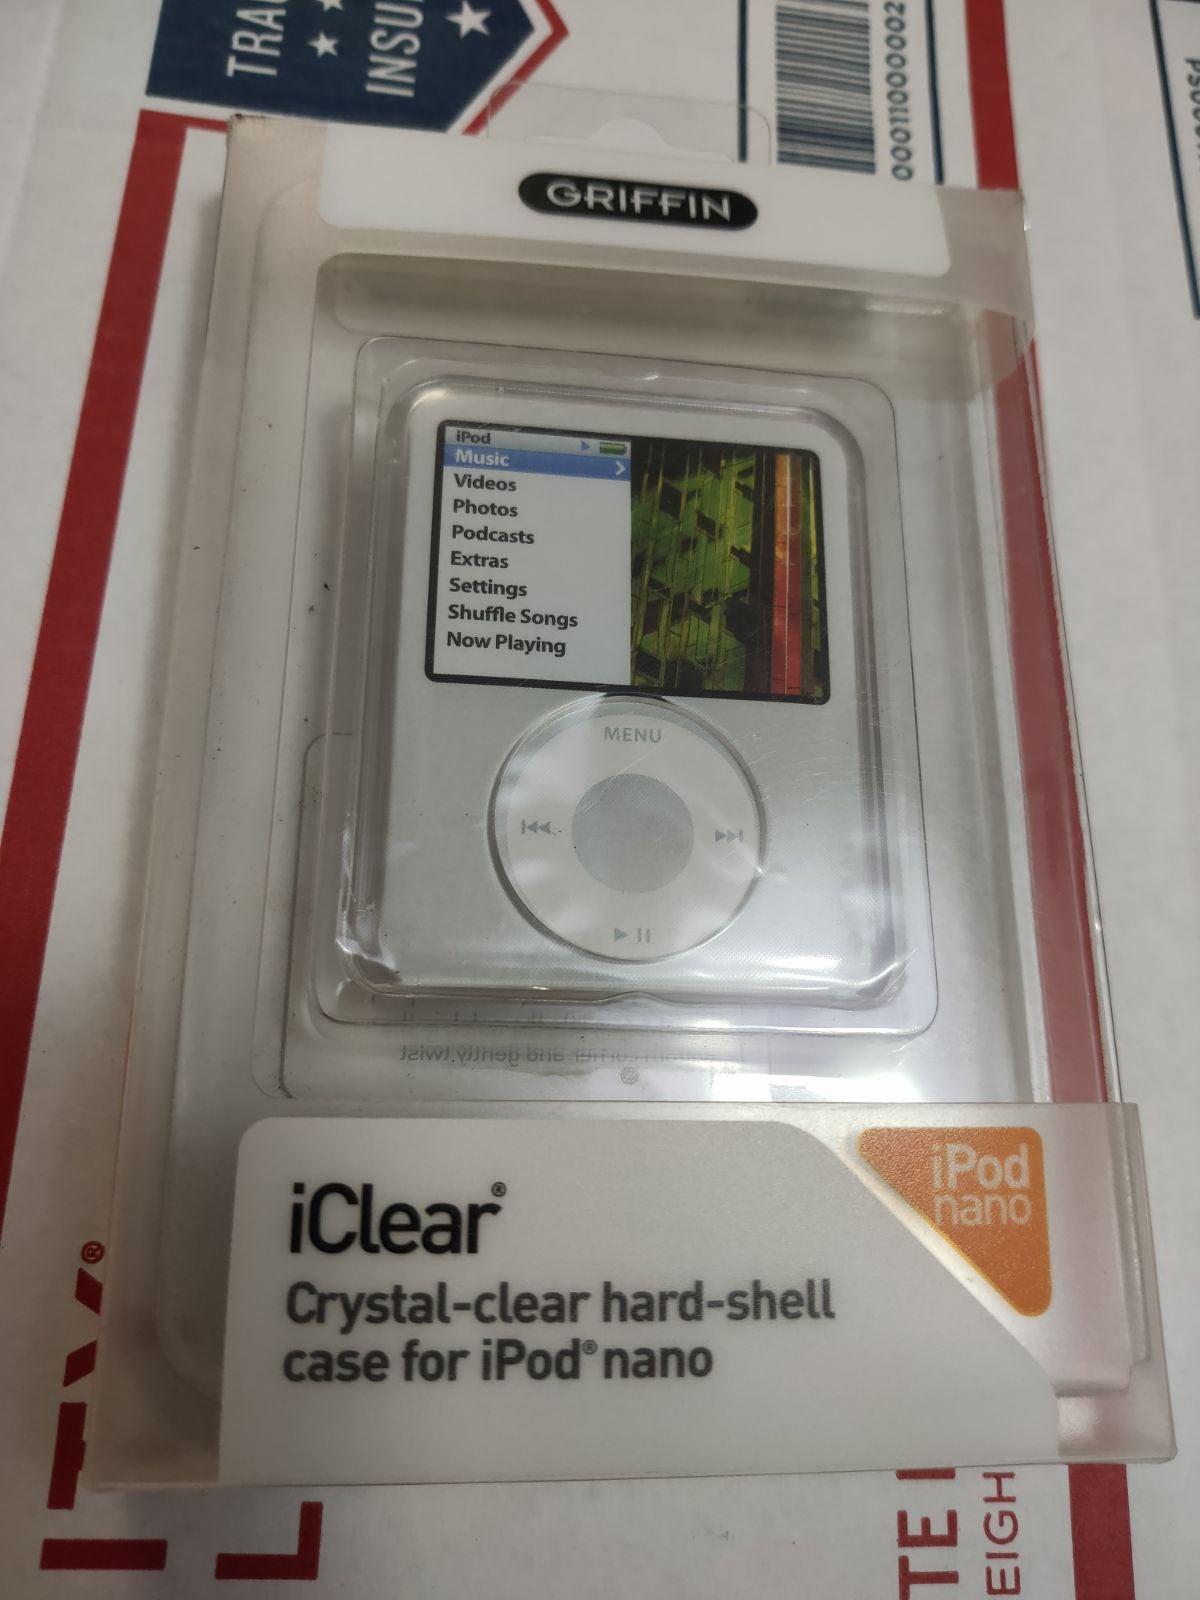 iPod nano crystal clear hard case